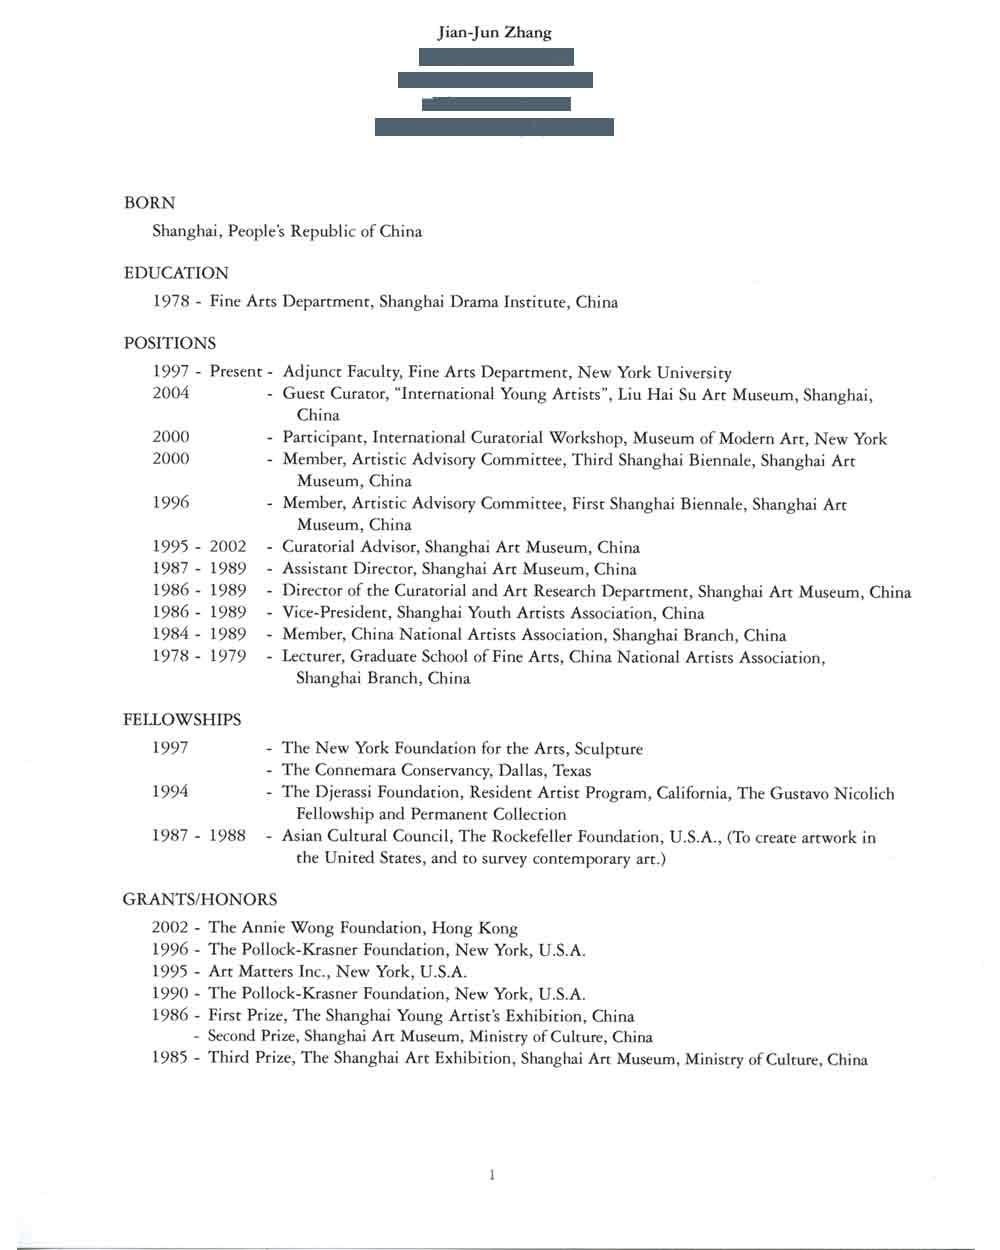 Jian Jun Zhang's Resume, pg 1